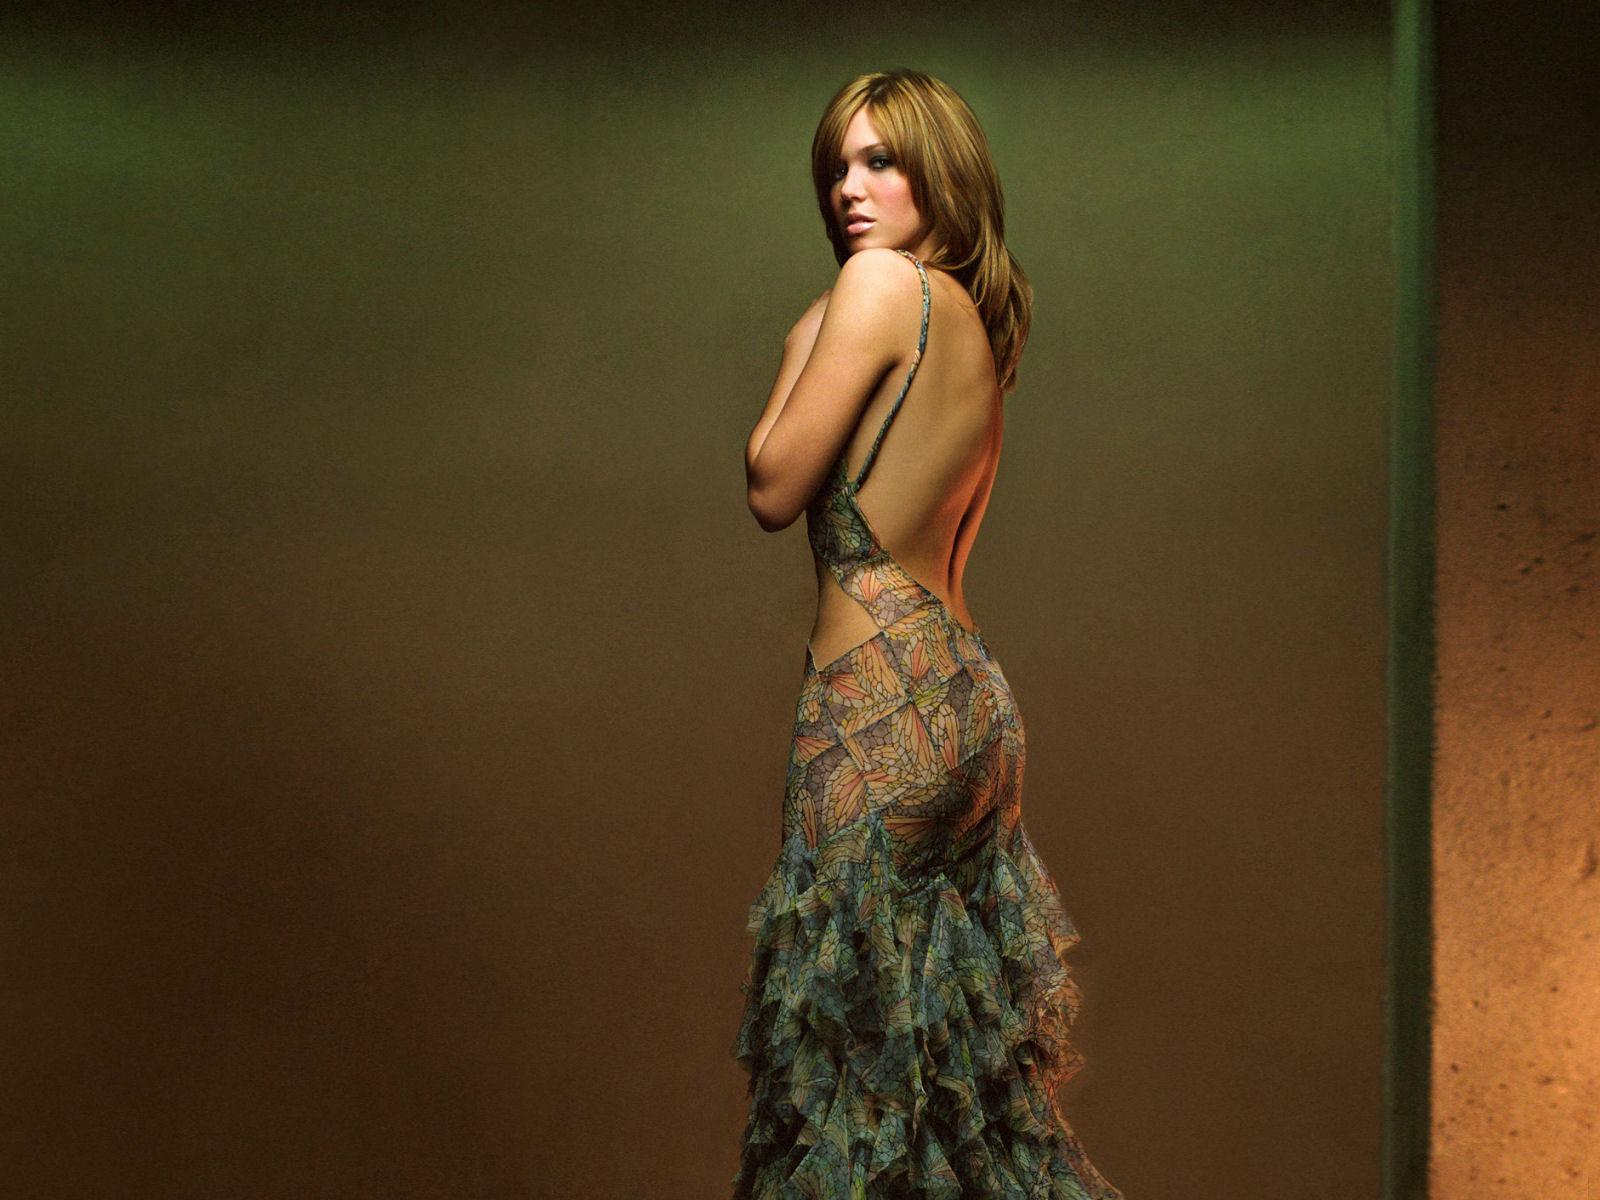 http://1.bp.blogspot.com/-8ePGEdIpus4/Ty6duLSMYuI/AAAAAAAAESM/o4AA8KIJuWY/s1600/mandy-moore-wallpaper.jpg